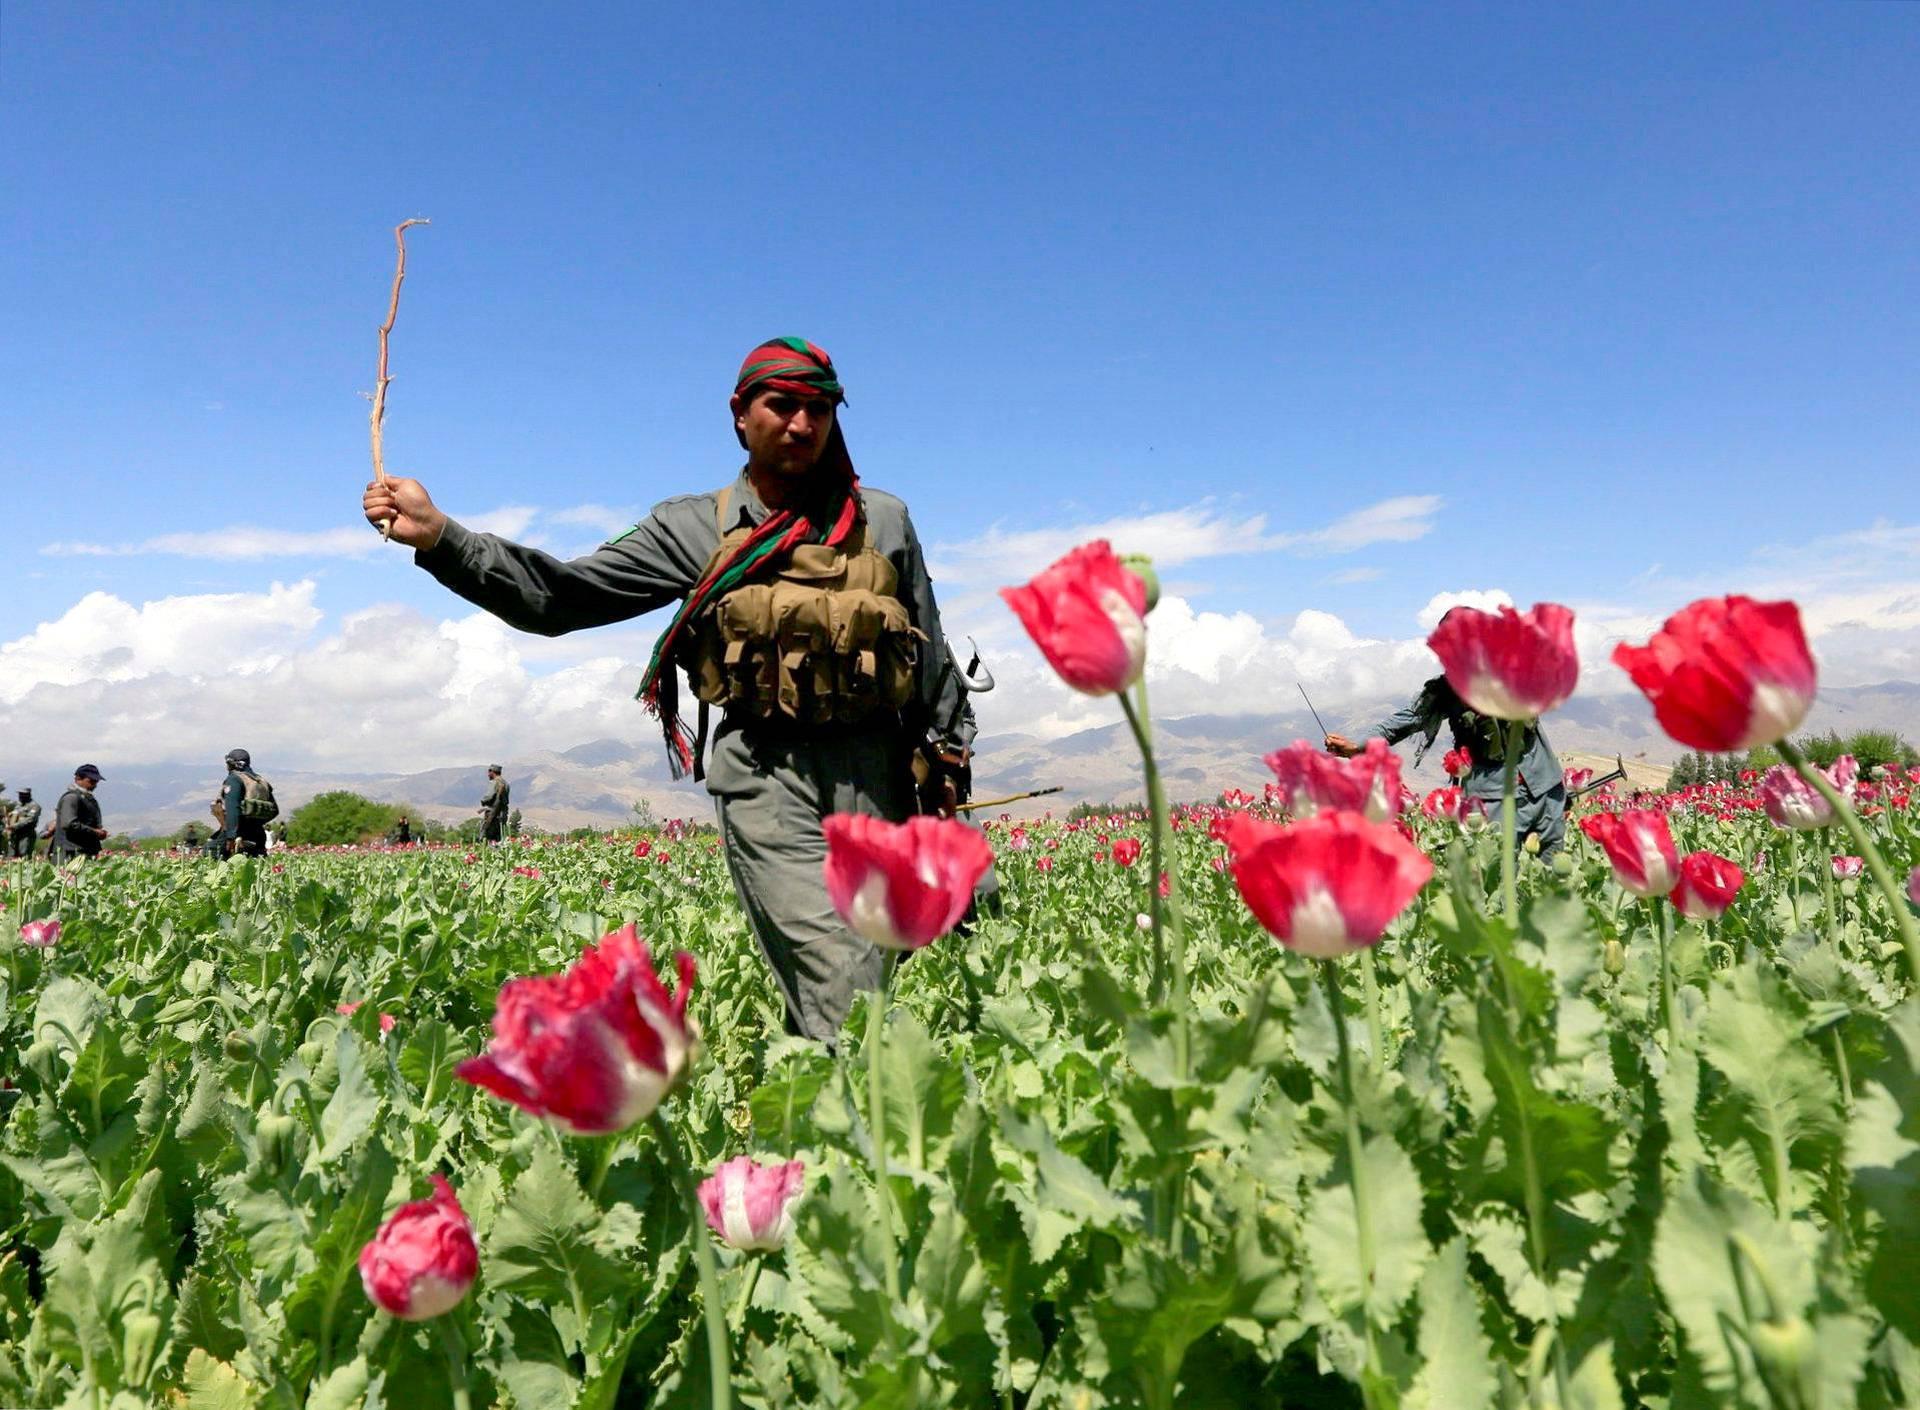 Afgaanipoliisi tuhoaa unikkopeltoa Jalalabadissa.